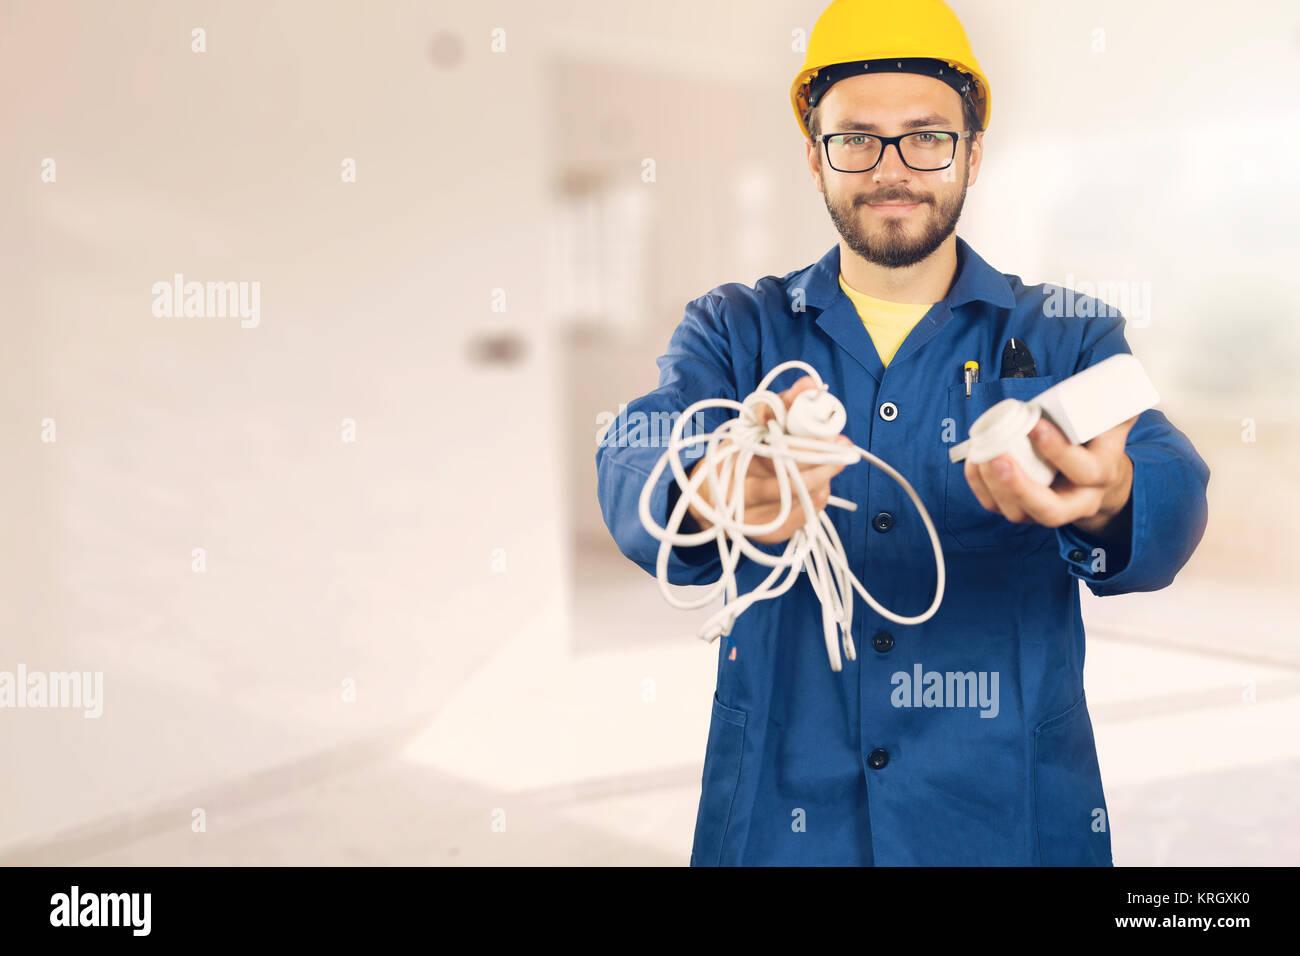 Elektriker mit Ausrüstung in Händen bereit zu arbeiten Stockbild